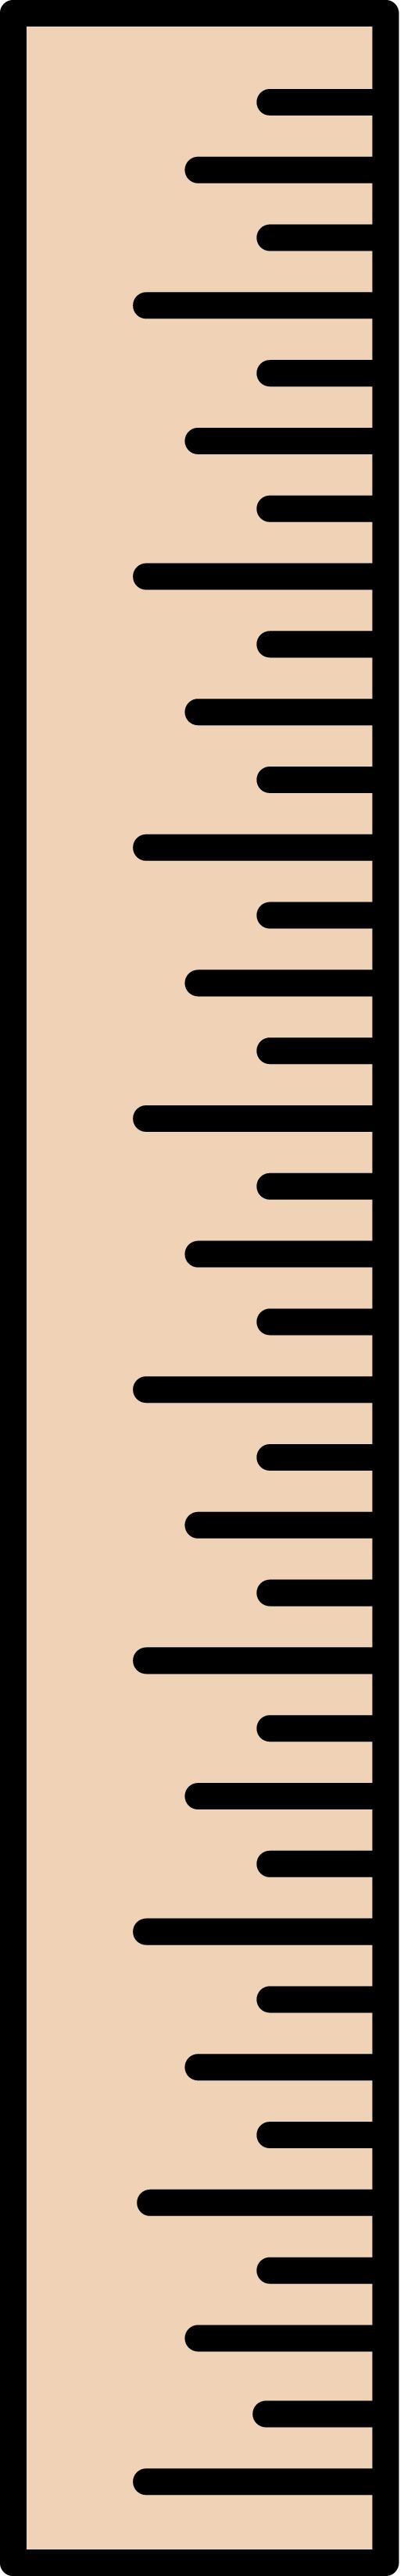 Images For Ruler Clip Art